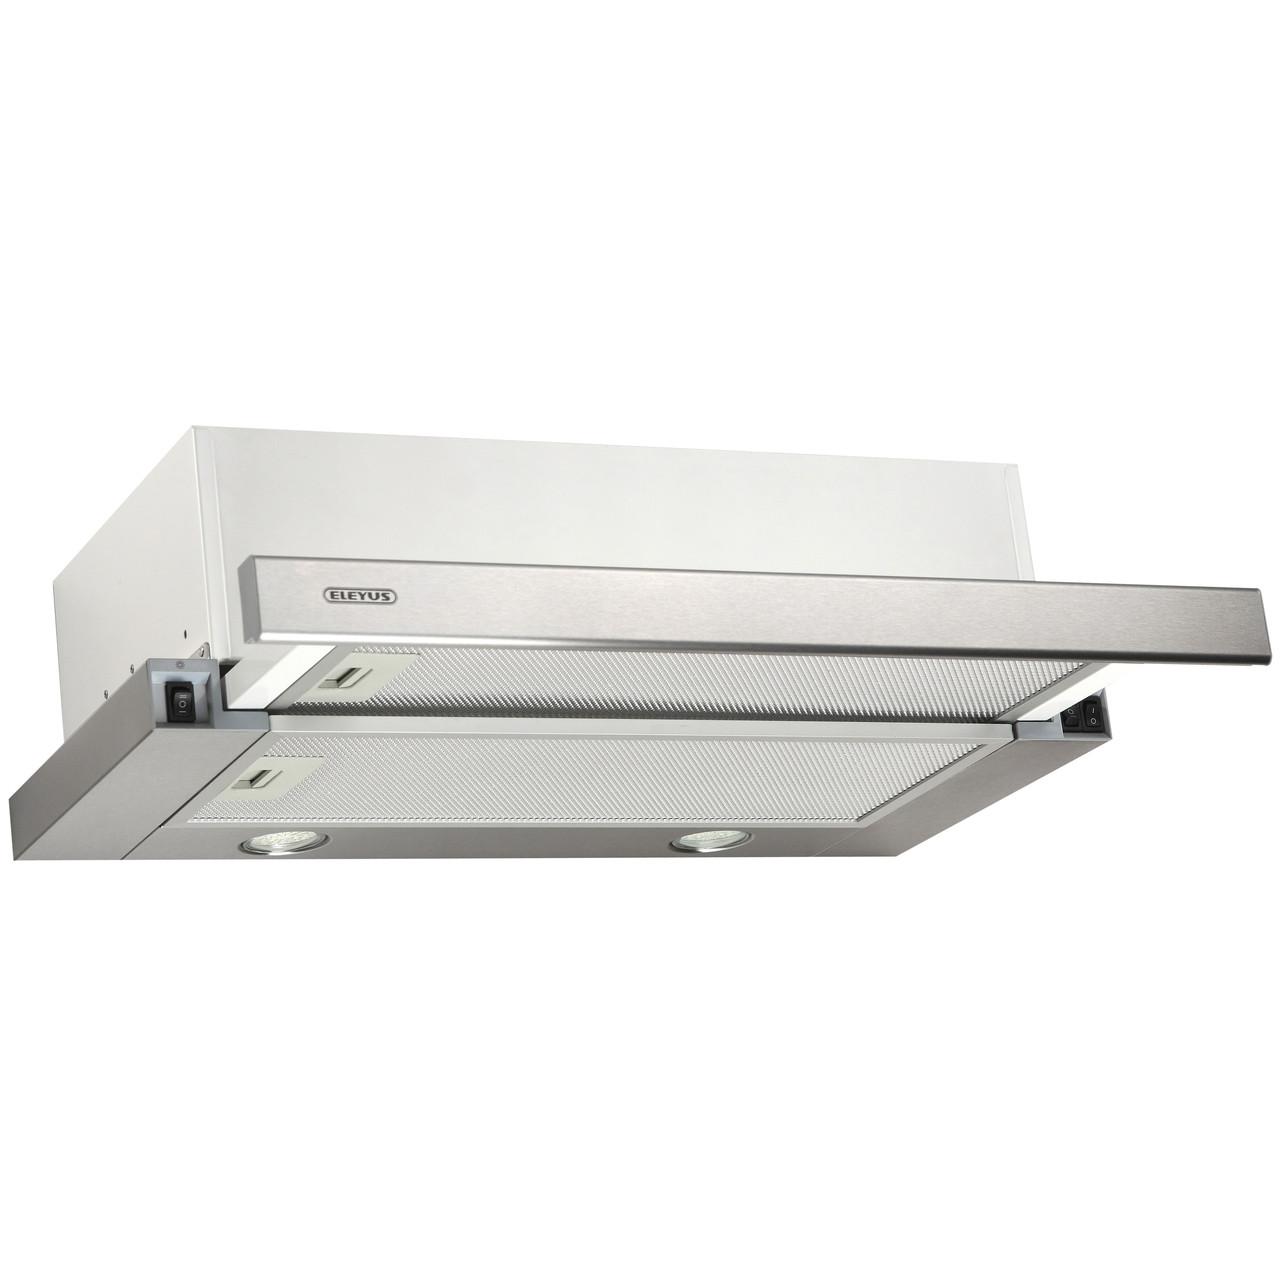 Витяжка кухонна ELEYUS Storm 700 LED SMD 60 IS